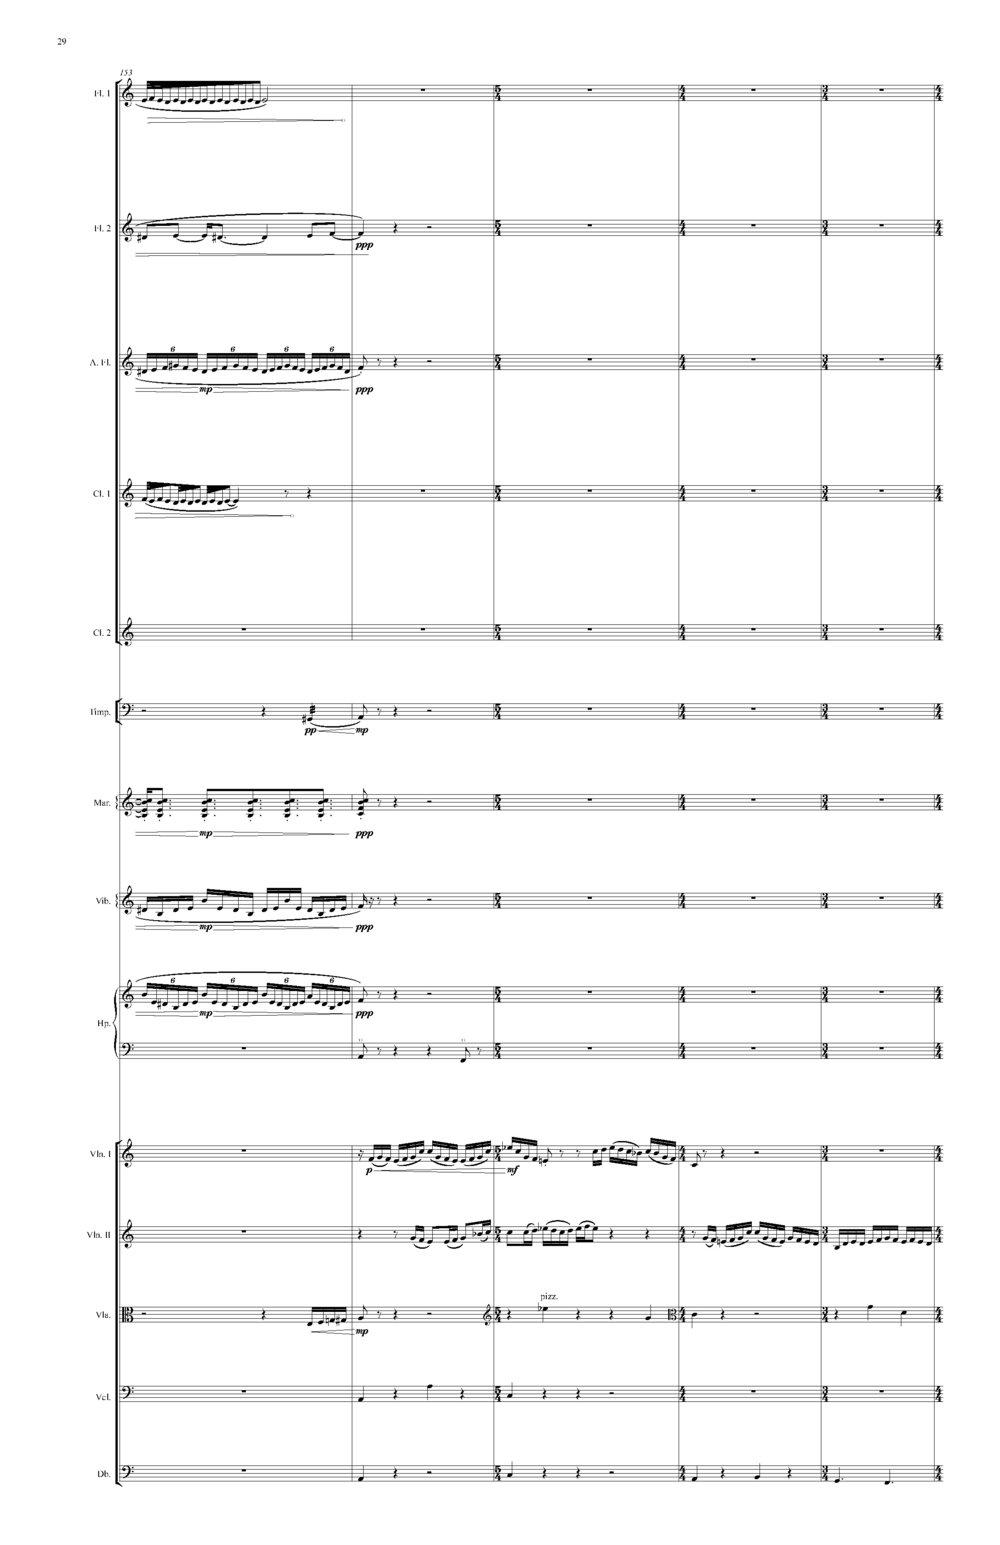 Kolmanskop 4-4-17 score - Full Score_Seite_32.jpg